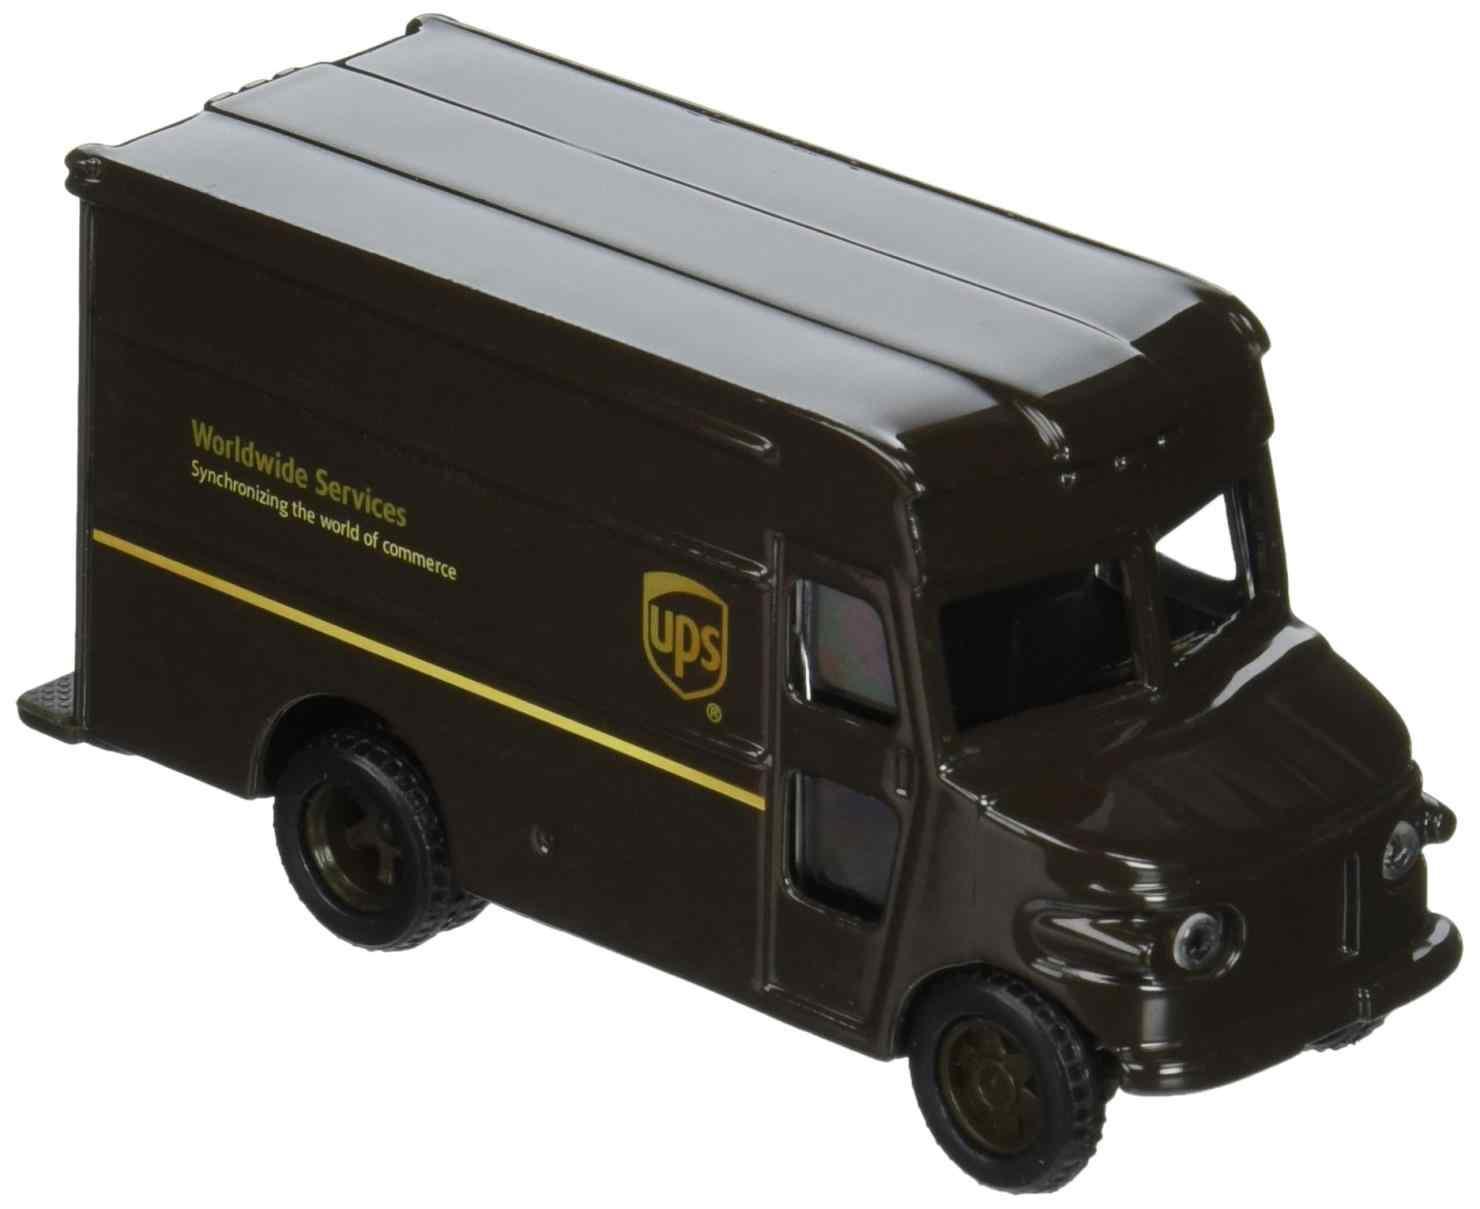 1480x1209 Van Car Illustration Business Rhcom Flat Delivery